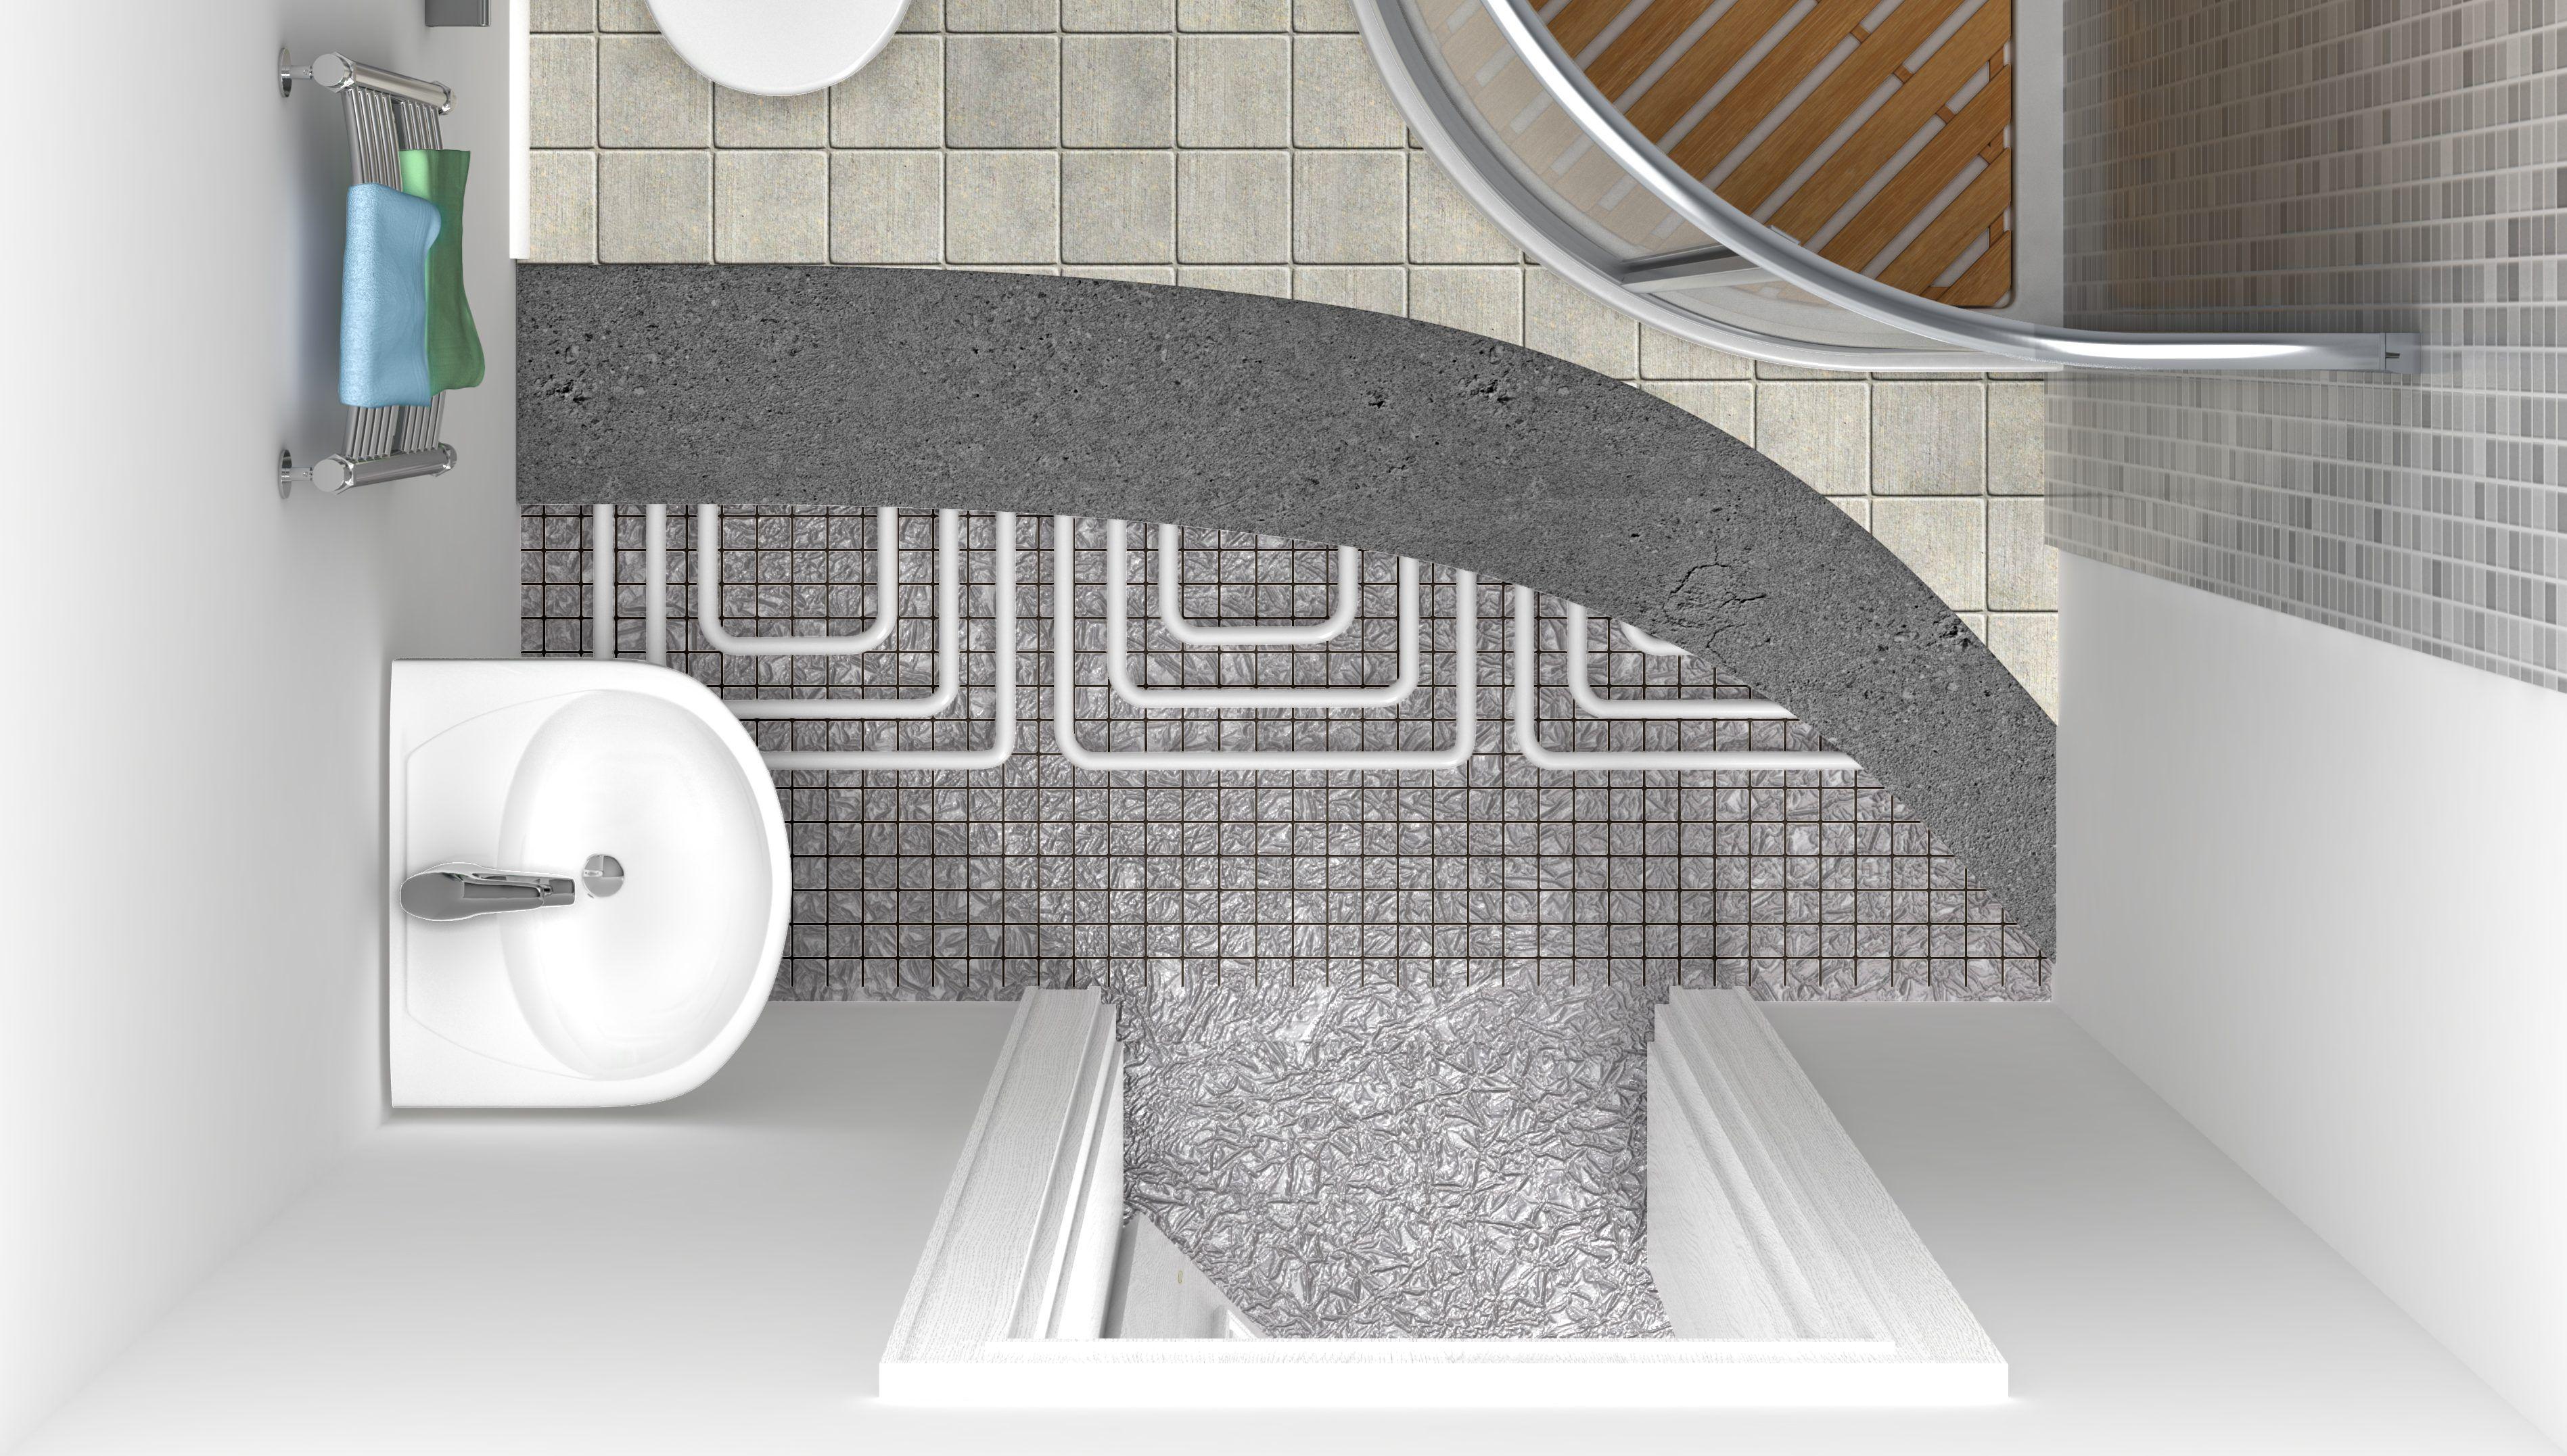 Design Badkamer Matten : Badkamer verwarmen wat is de beste badkamer verwarming